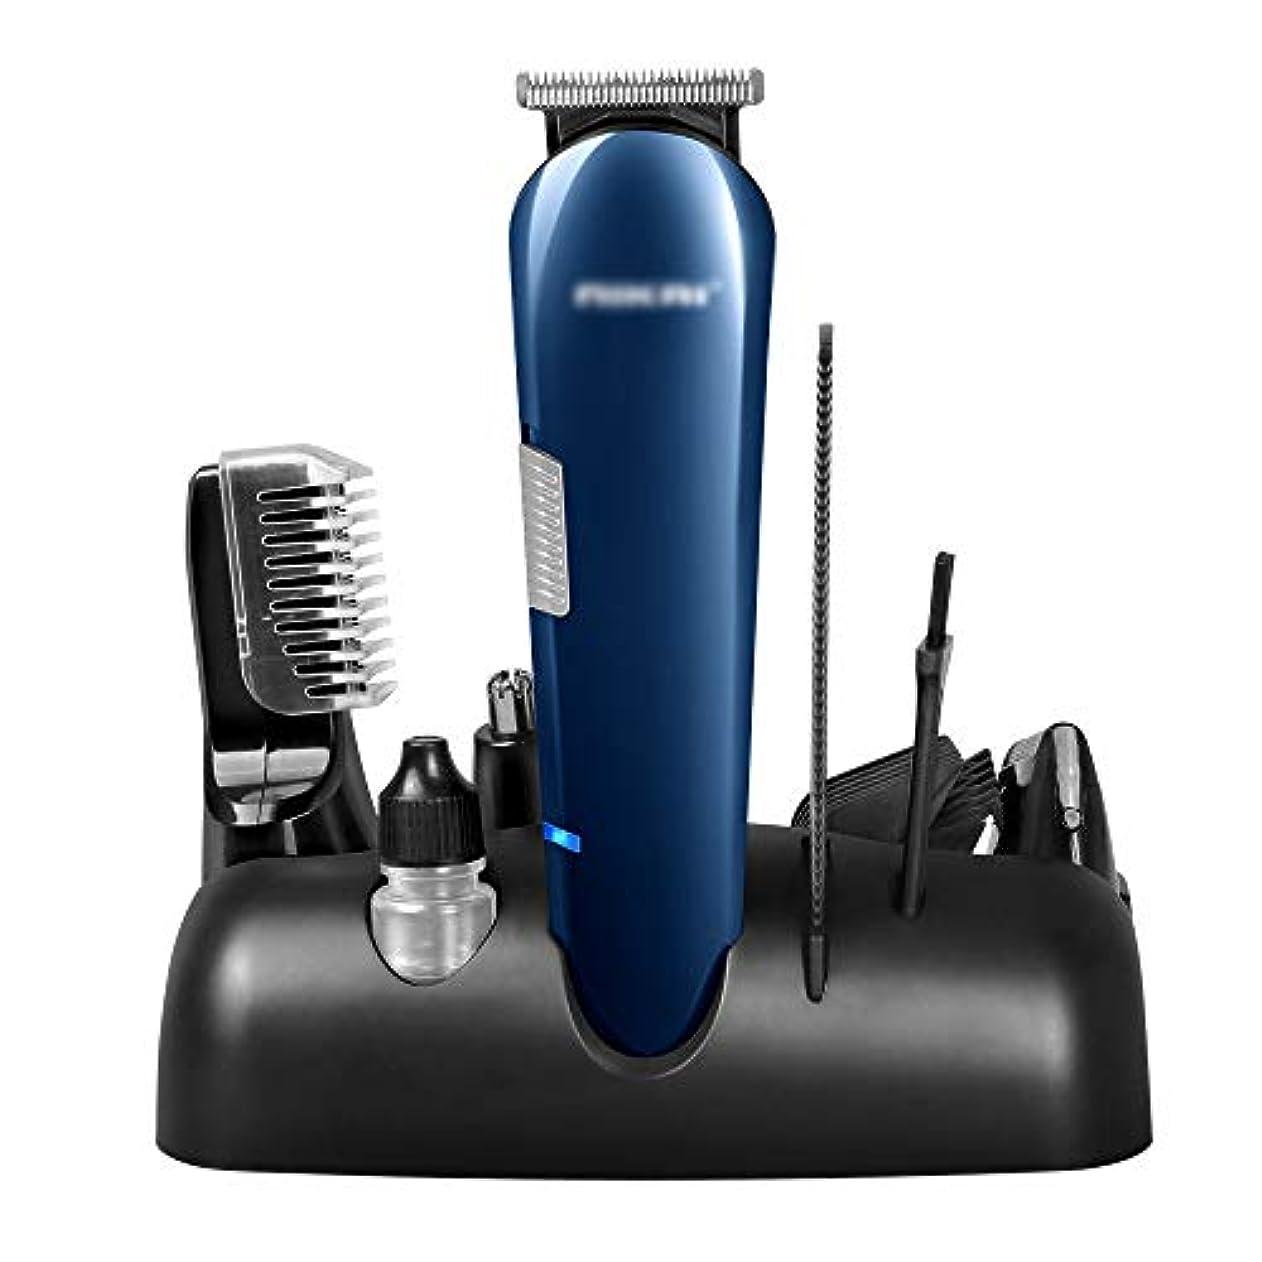 粉砕する貫通健康的WAKABAFK 1つの多機能バリカンのヘアカッターのヘアトリマーの毛の打抜き機に付き6つ